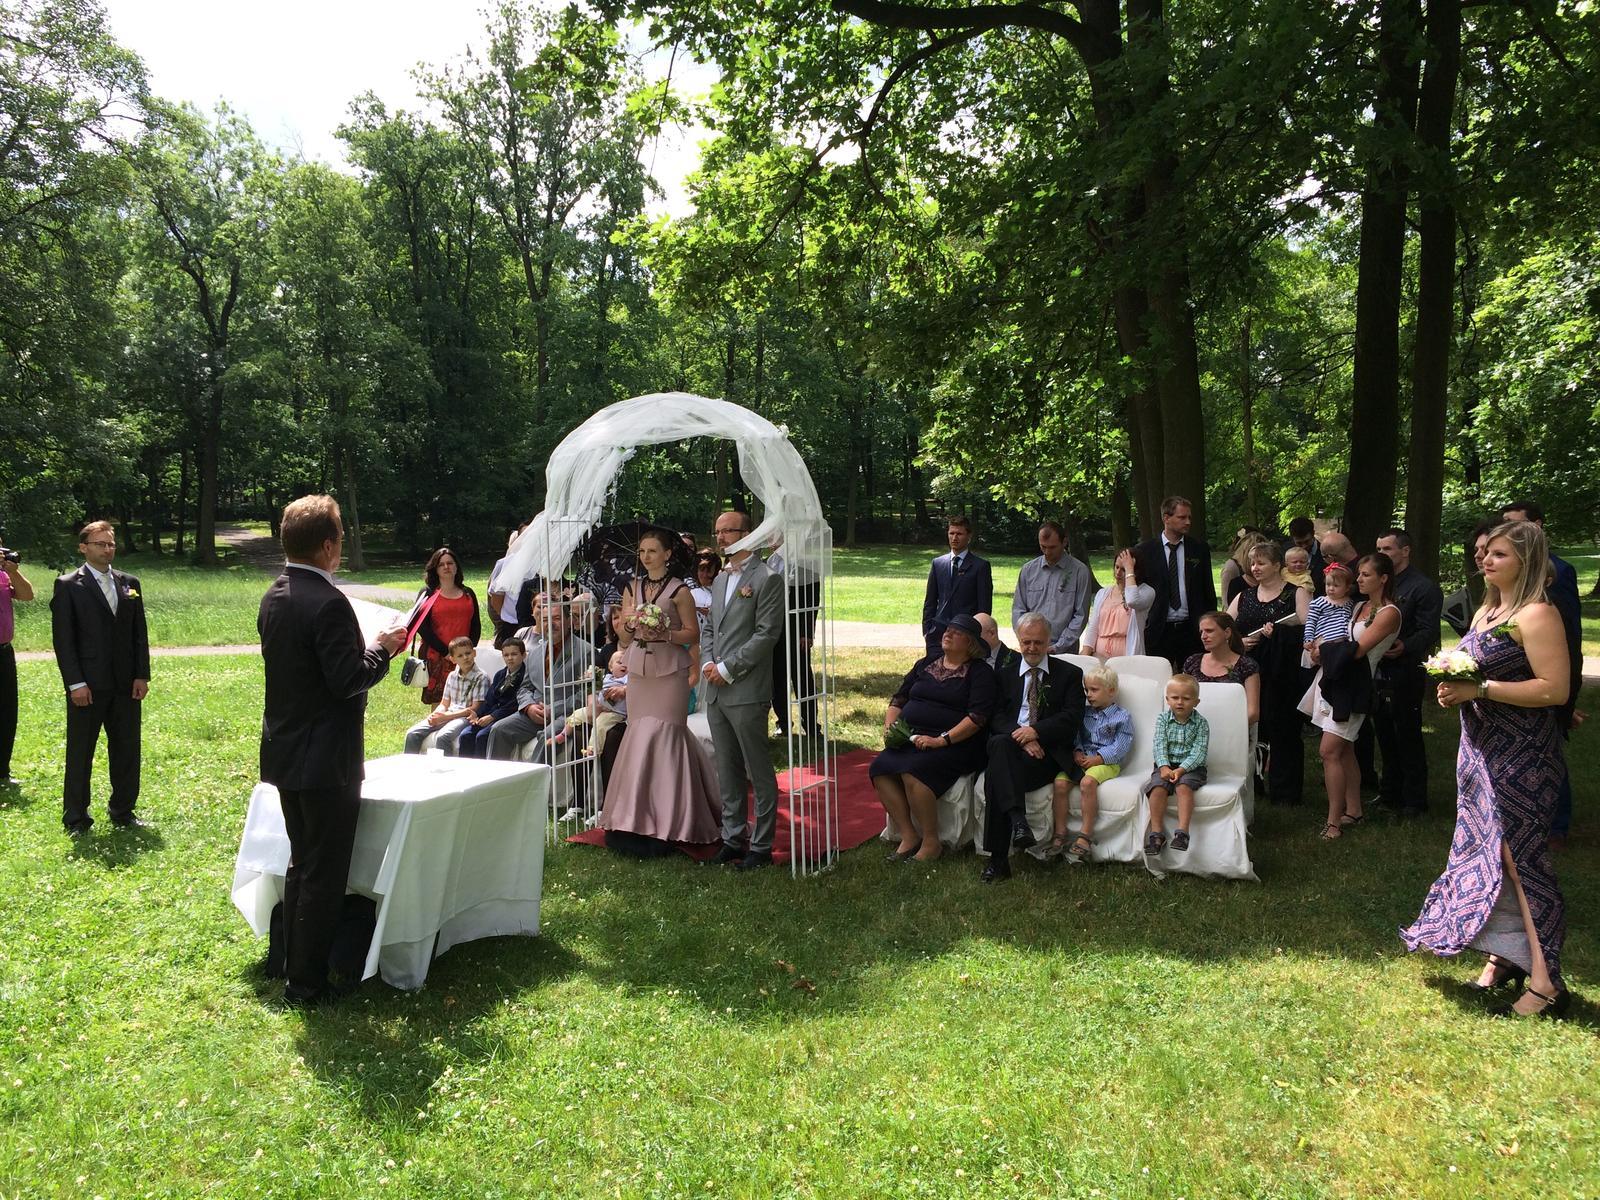 Svatební obřady v zámeckém parku Praha Dolní Počernice - Obrázek č. 1